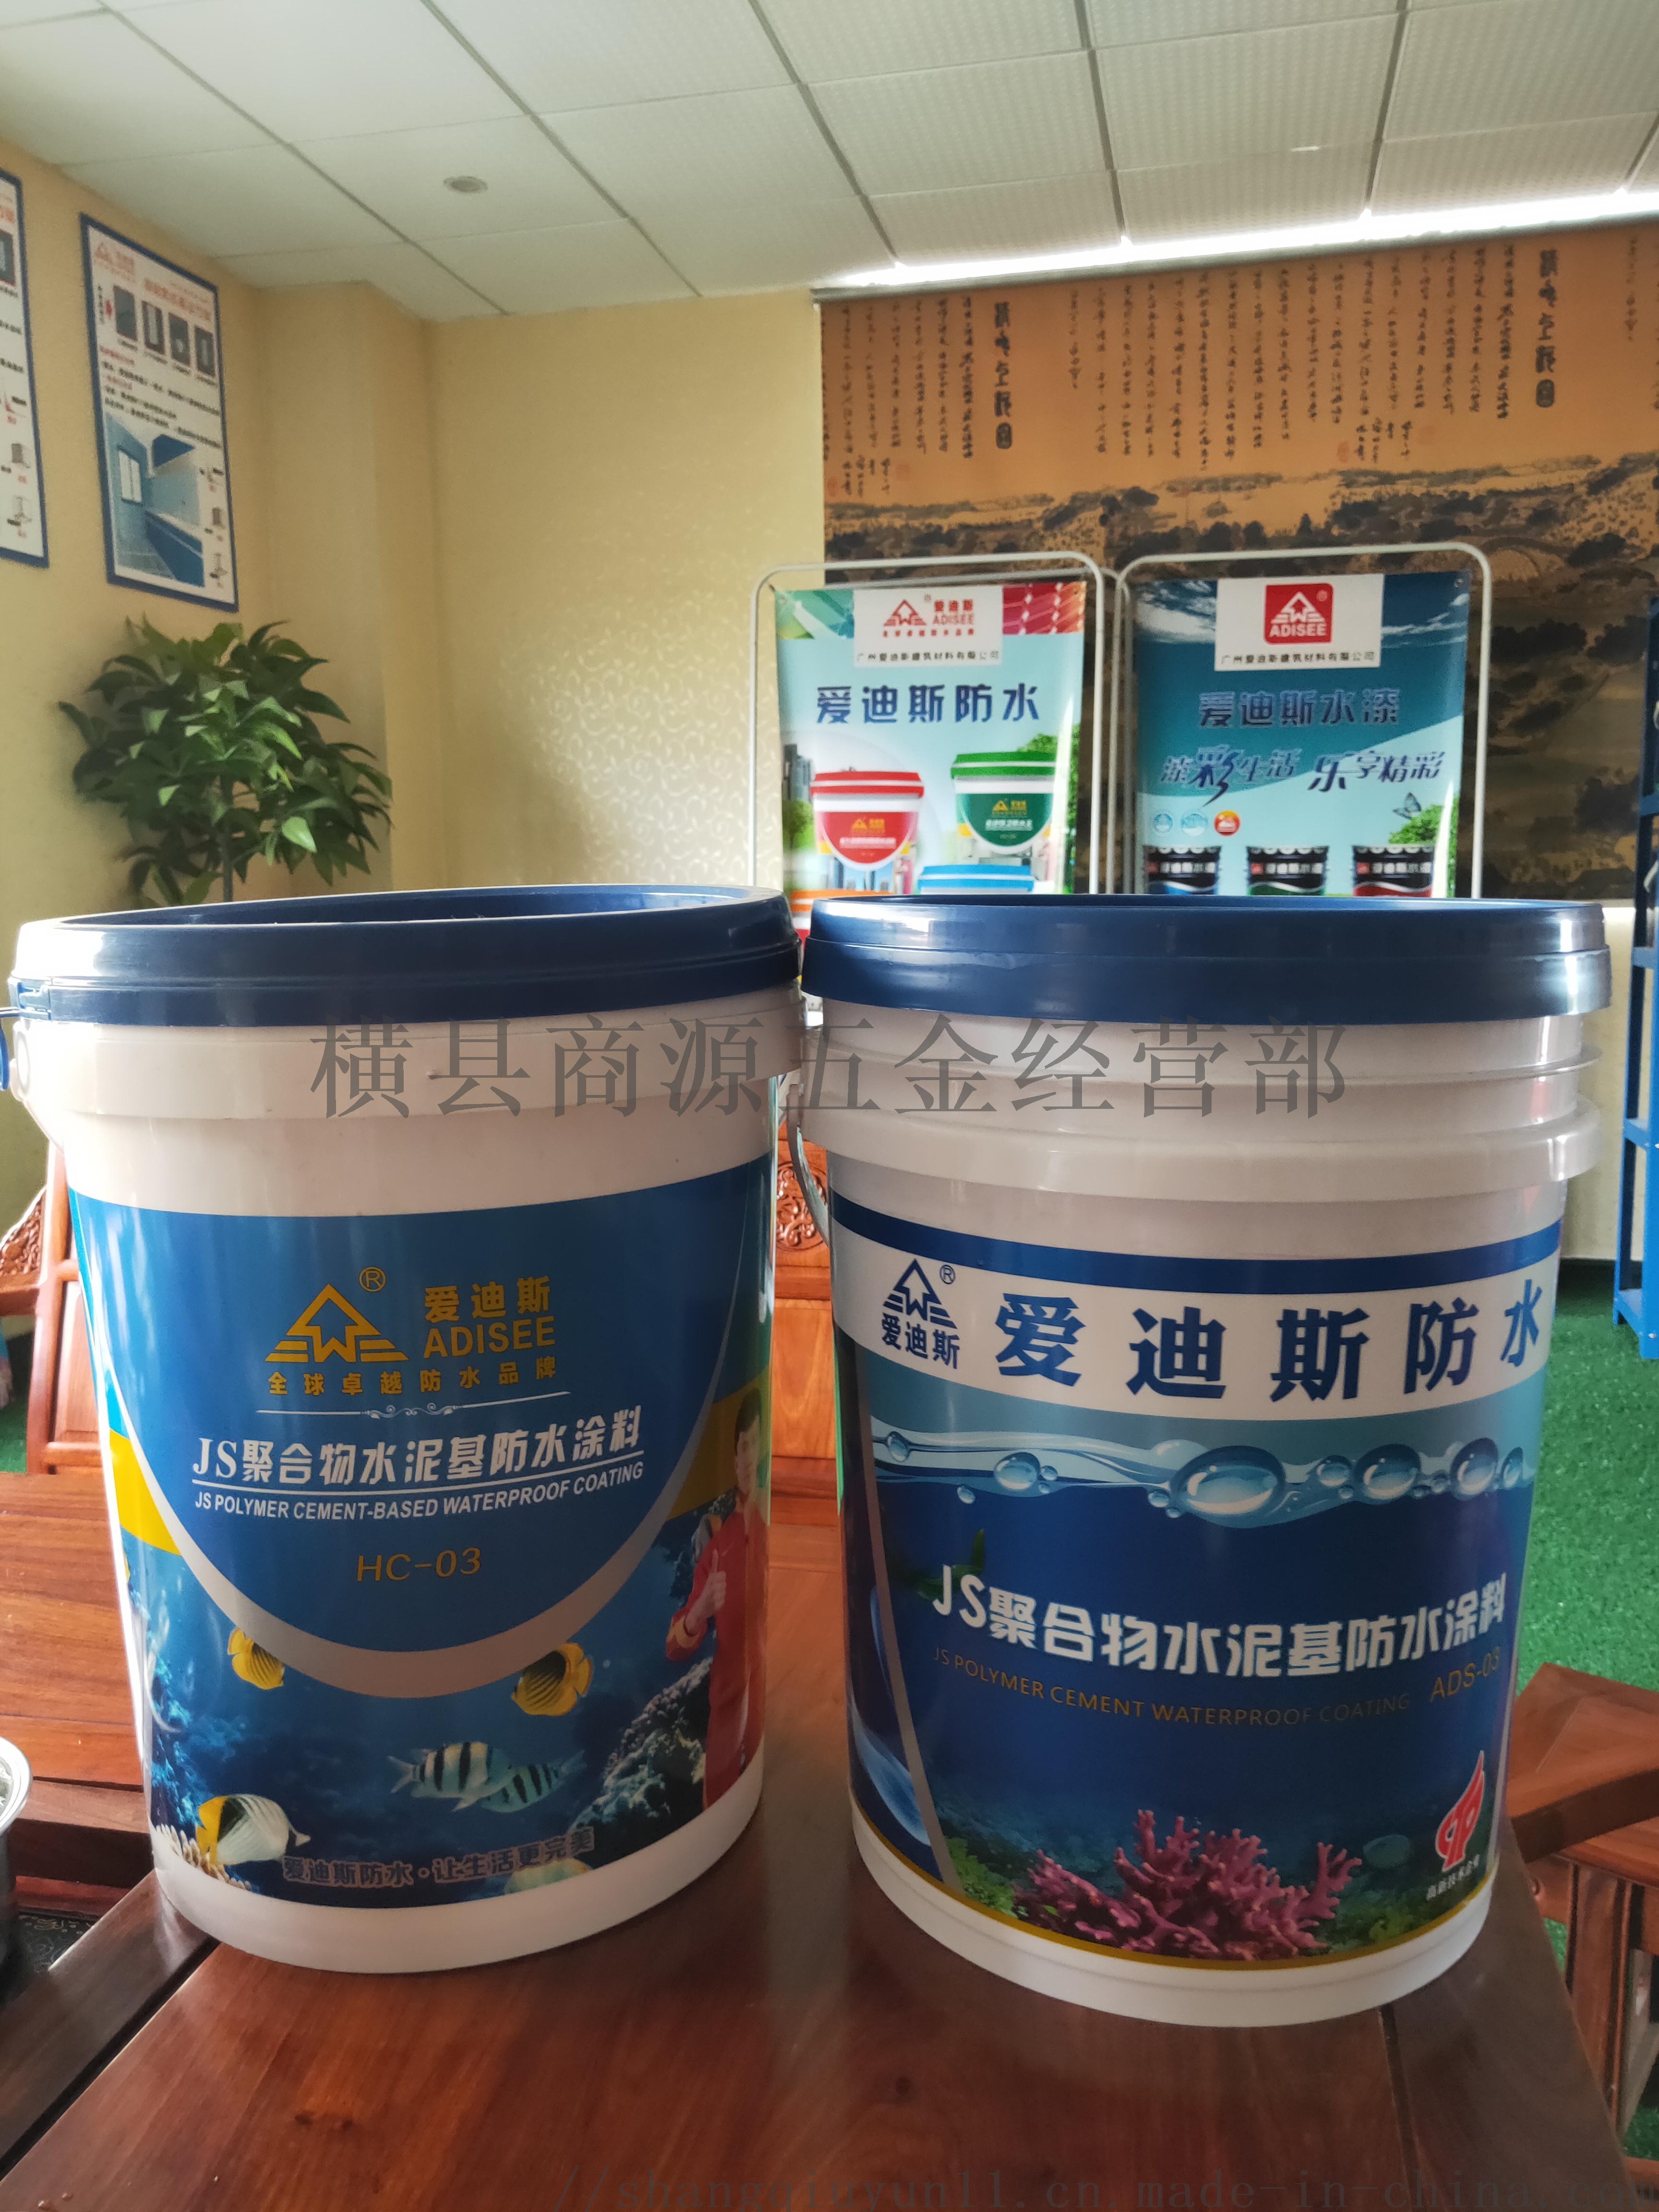 JS聚合物水泥防水涂料施工方案951250375